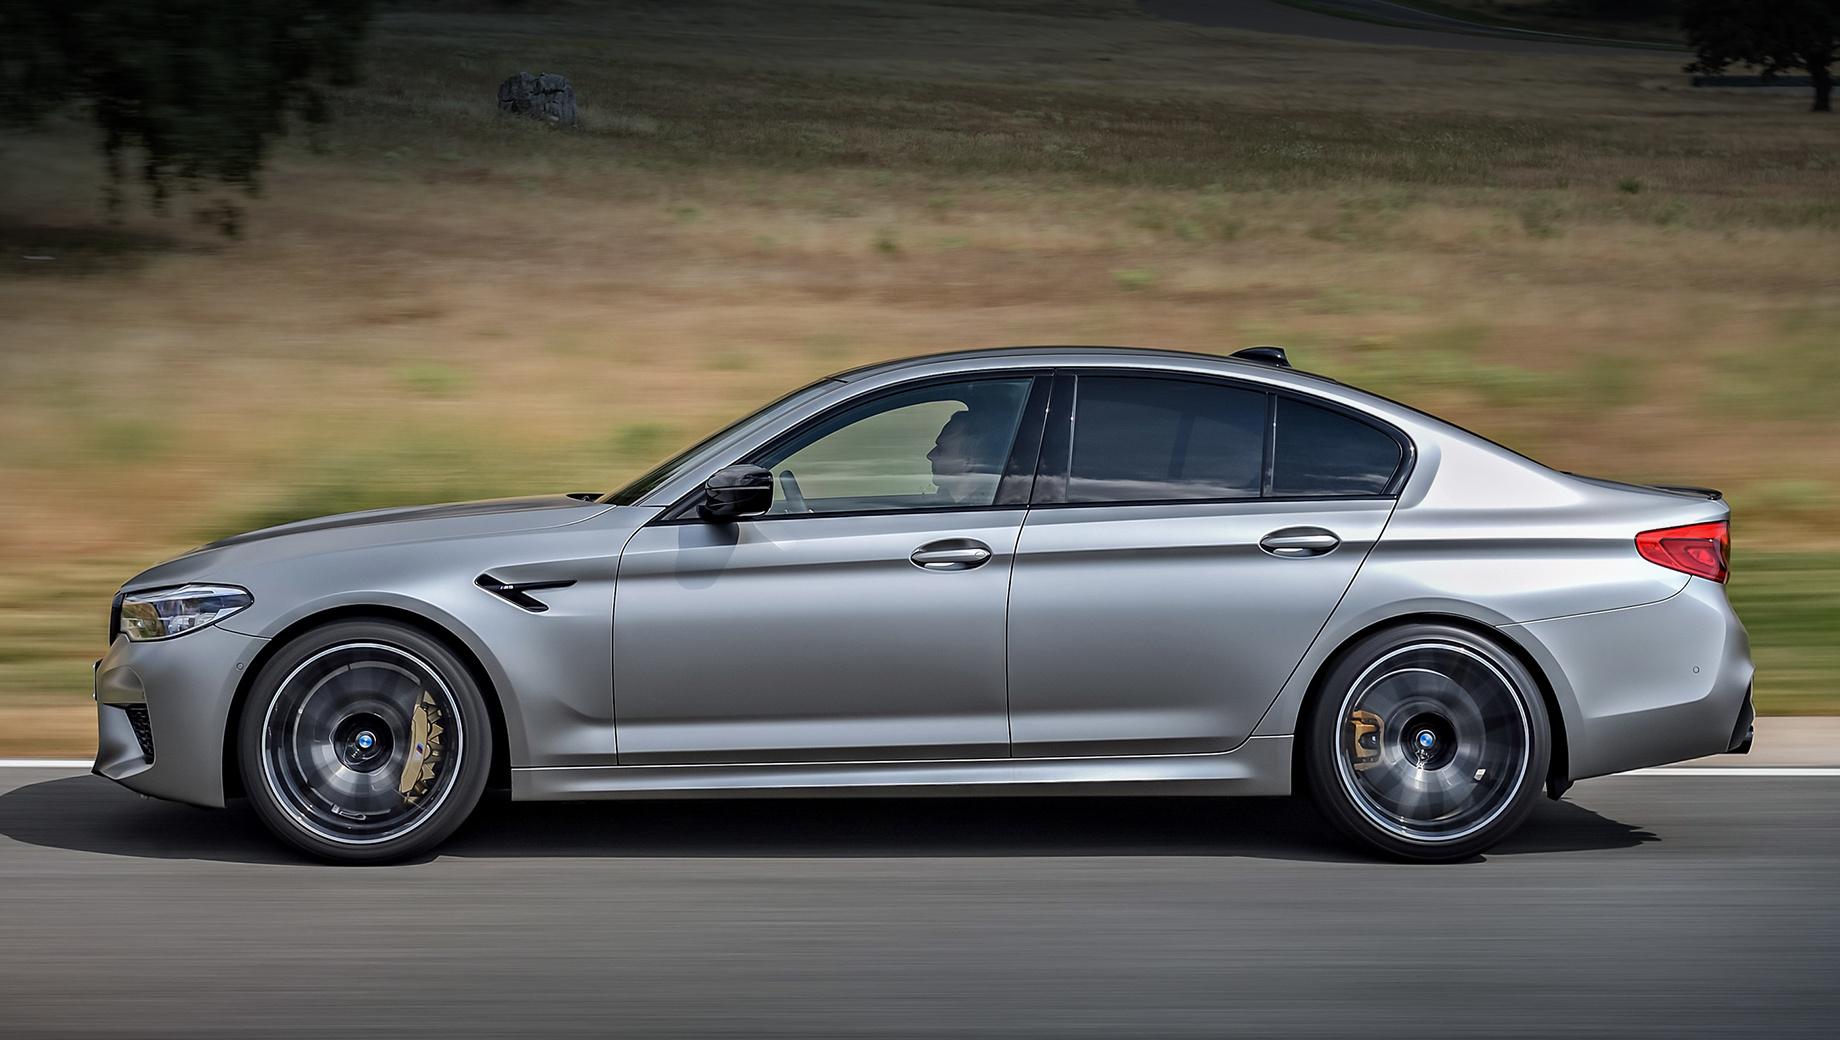 Bmw m5,Bmw m5 cs. Сегодня самая мощная заводская версия BMW M5 — Competition. В России «эм-пятая» представлена только в таком варианте. Ускорение до сотни у полноприводного седана занимает всего 3,3 с, а цены начинаются от 8 280 000 рублей. Доплата за углеродокерамику — 749 200.